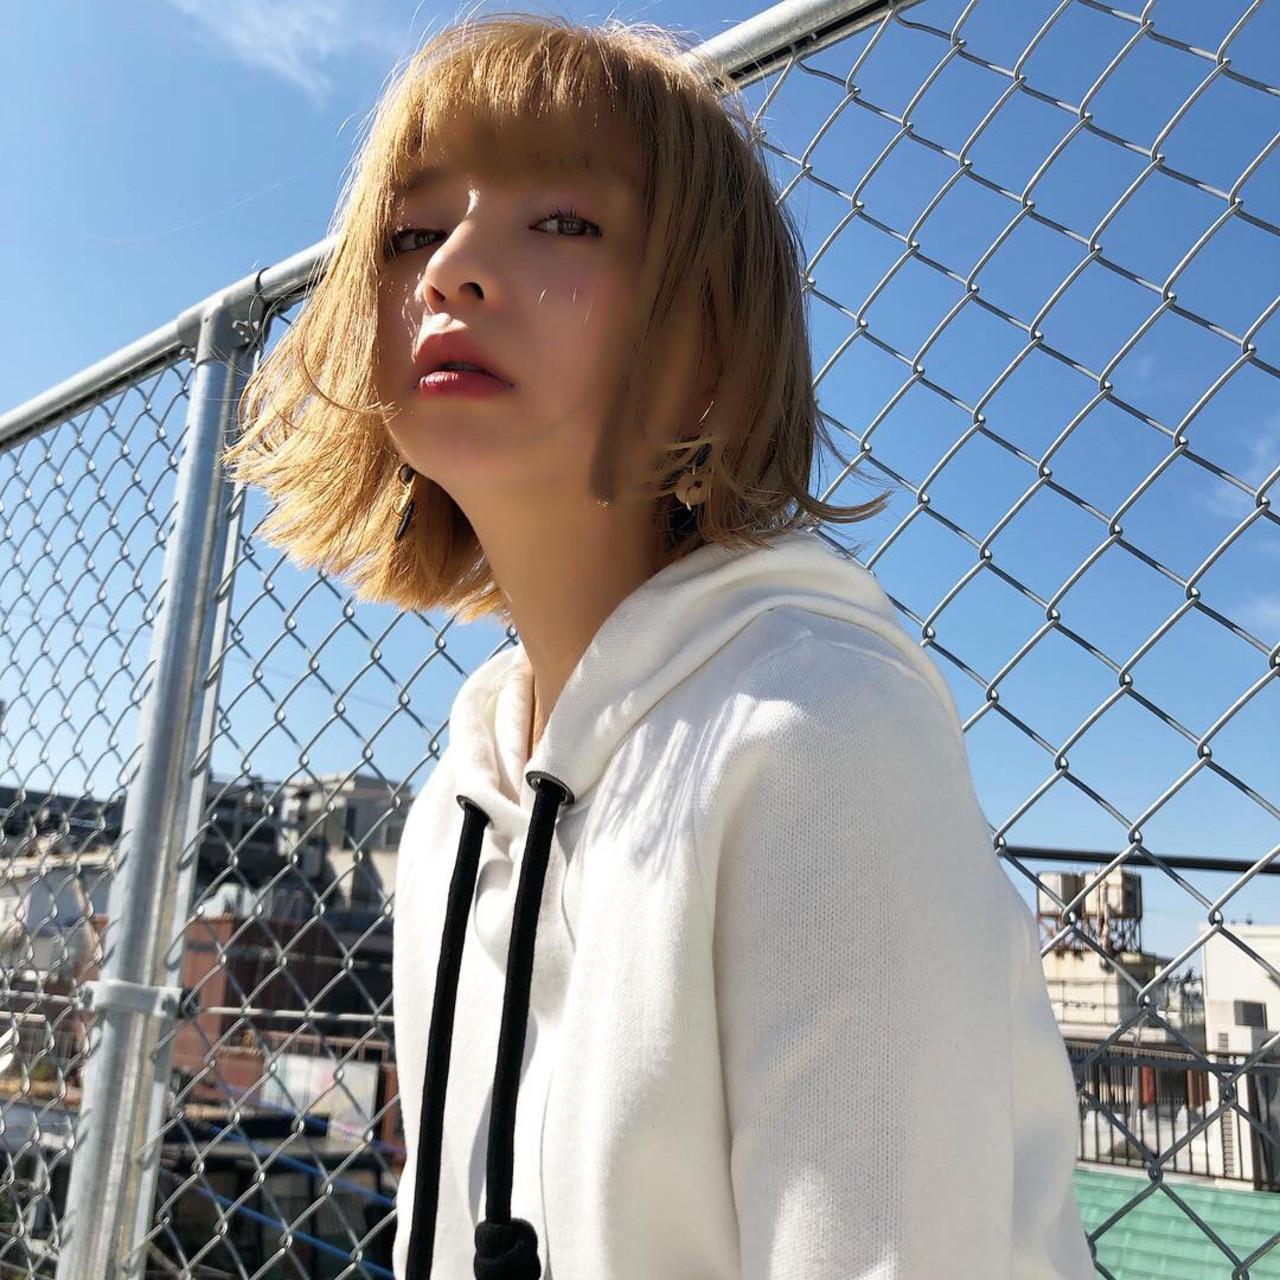 スポーツ アウトドア デート ストリート ヘアスタイルや髪型の写真・画像